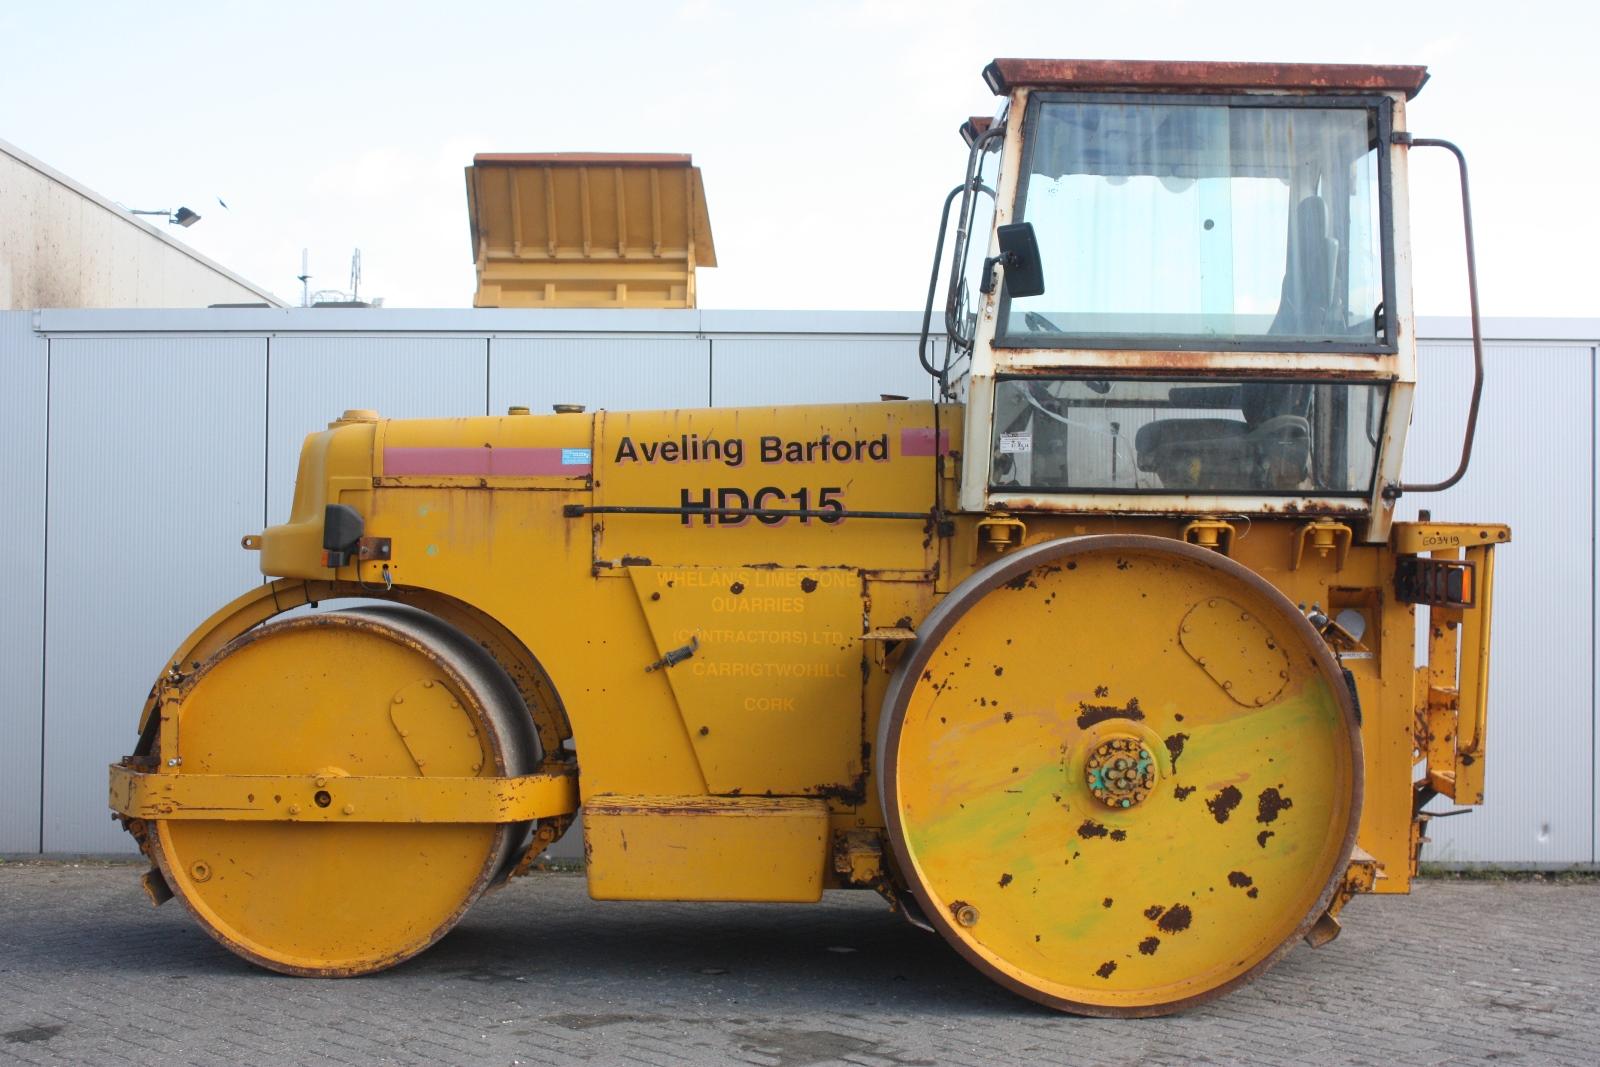 Aveling Barford Hdc15 1996 Asphalt Roller Van Dijk Heavy